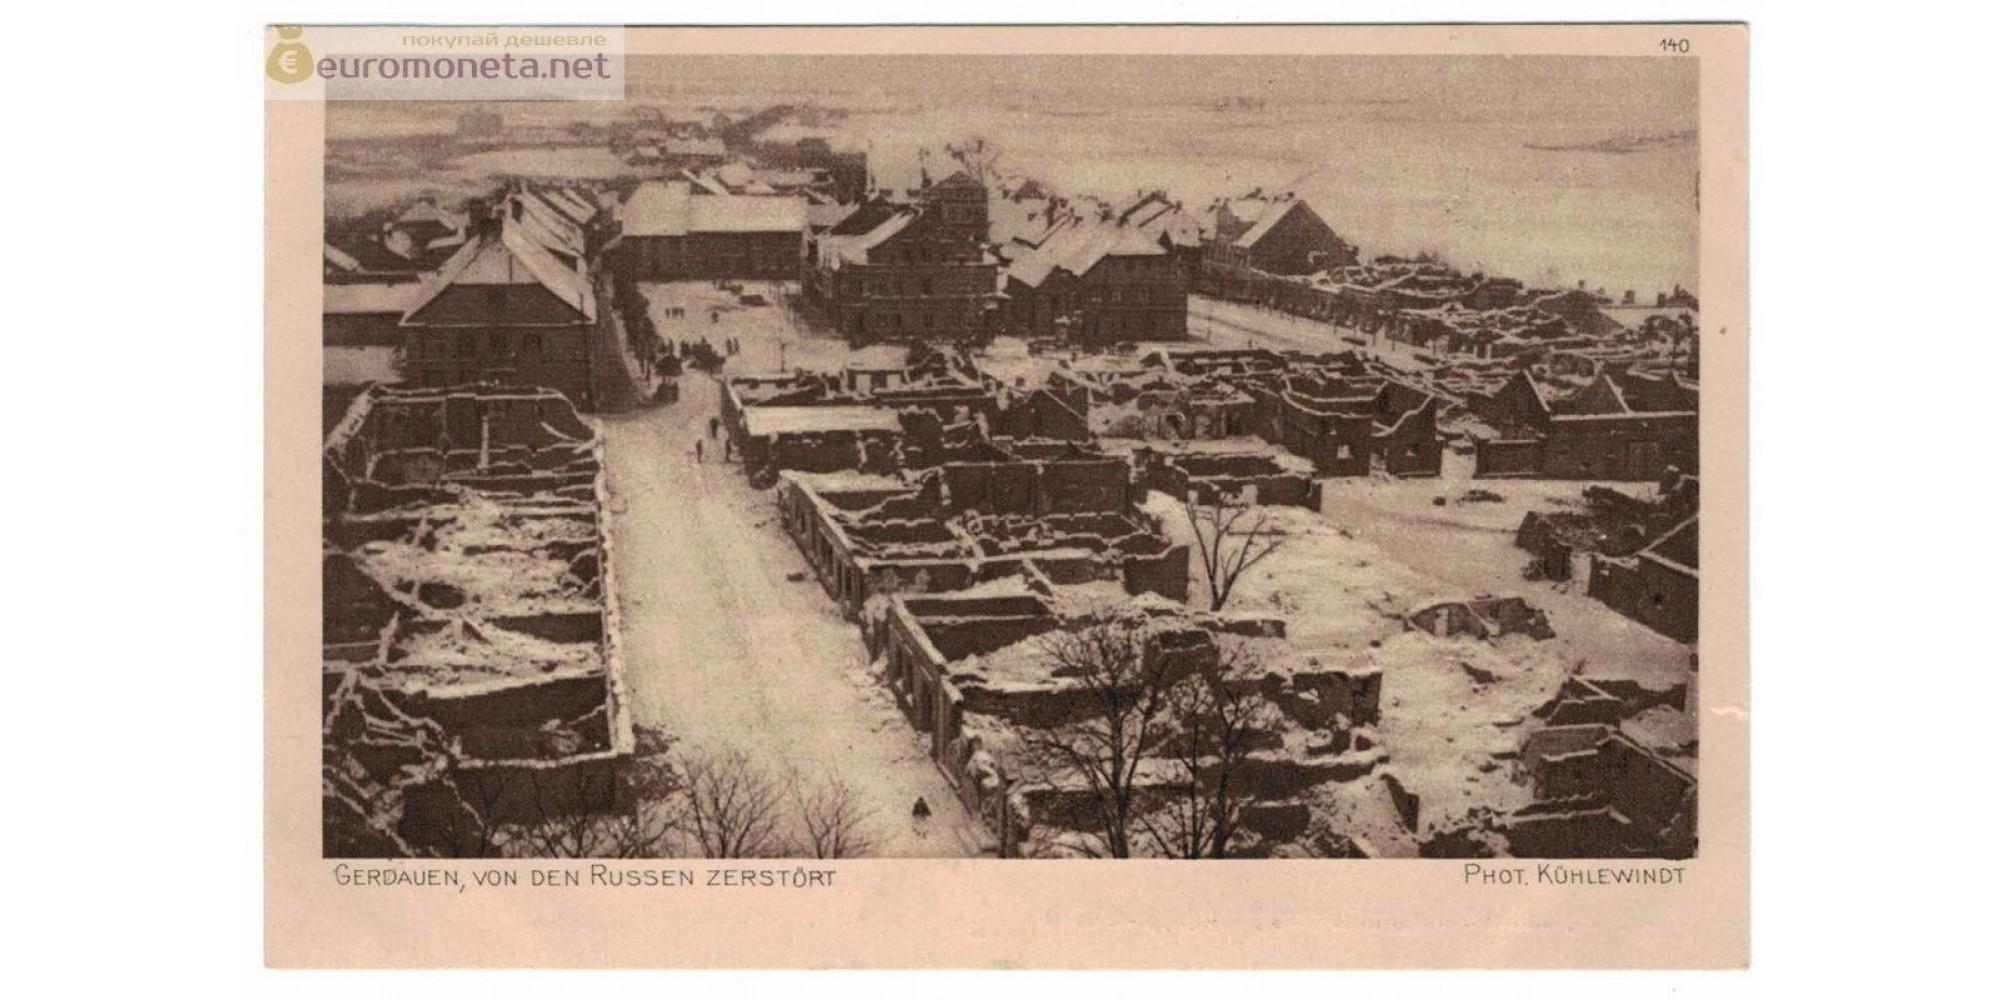 Открытка Пруссия Кёнигсберг Gerdauen Гердауэн Железнодорожный руины